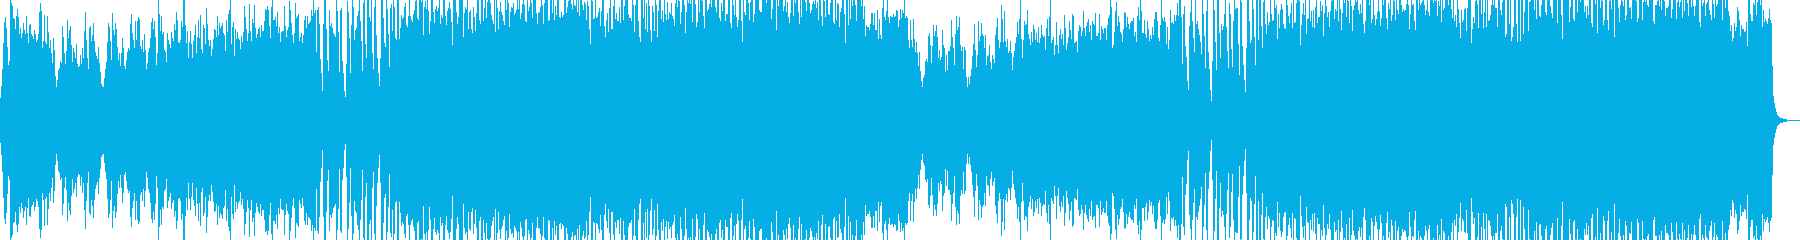 緊迫したボス戦をイメージした壮大な戦闘曲の再生済みの波形